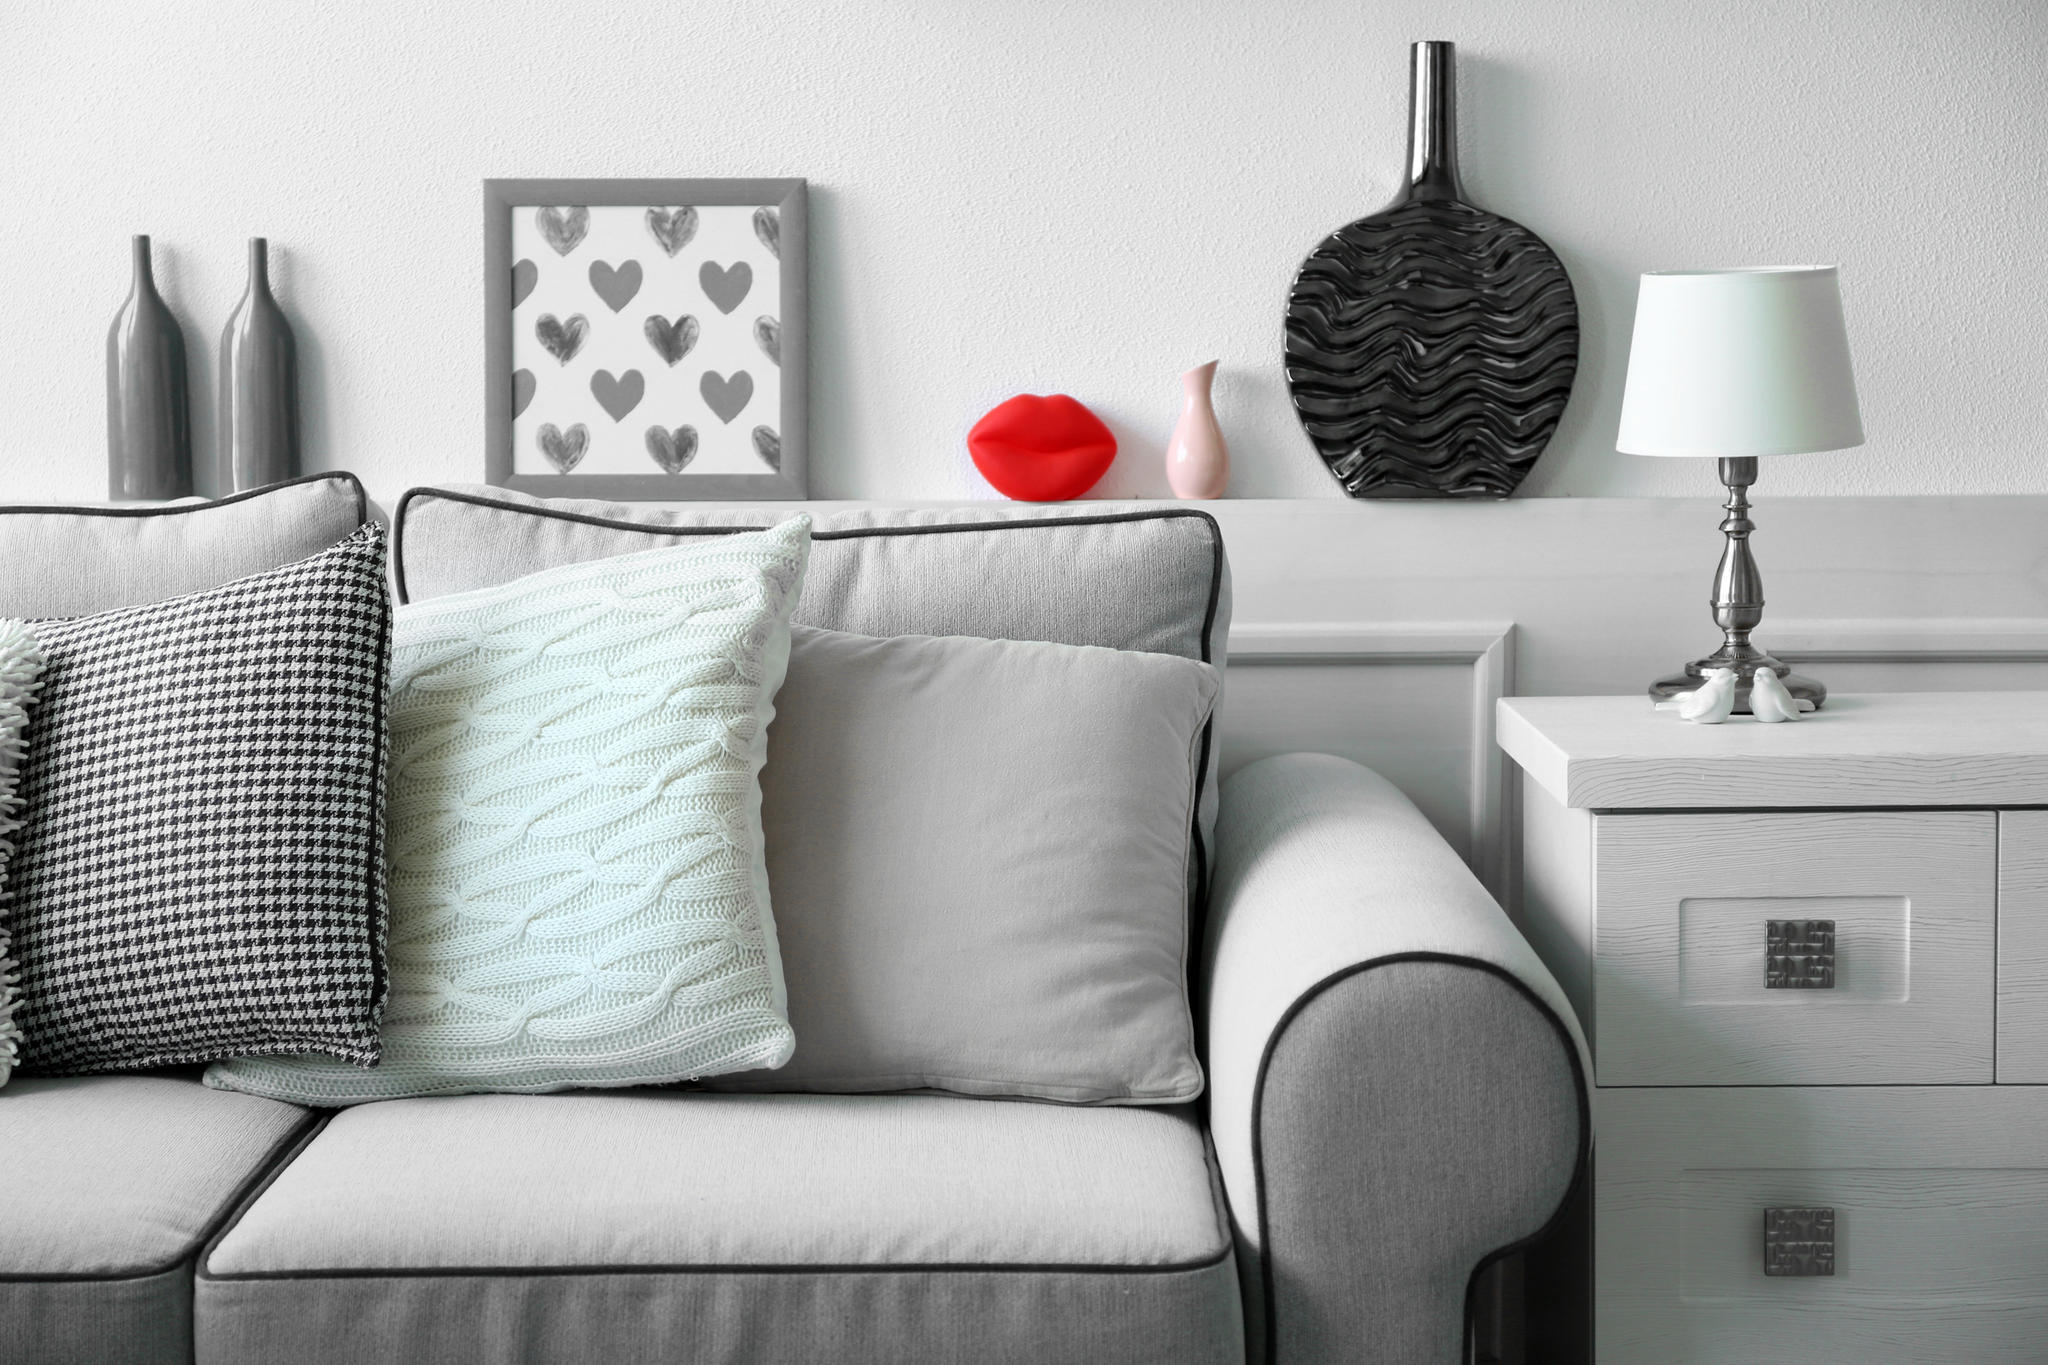 Einrichten: Wie finde ich das richtige Sofa? Tipps für die Suche ...